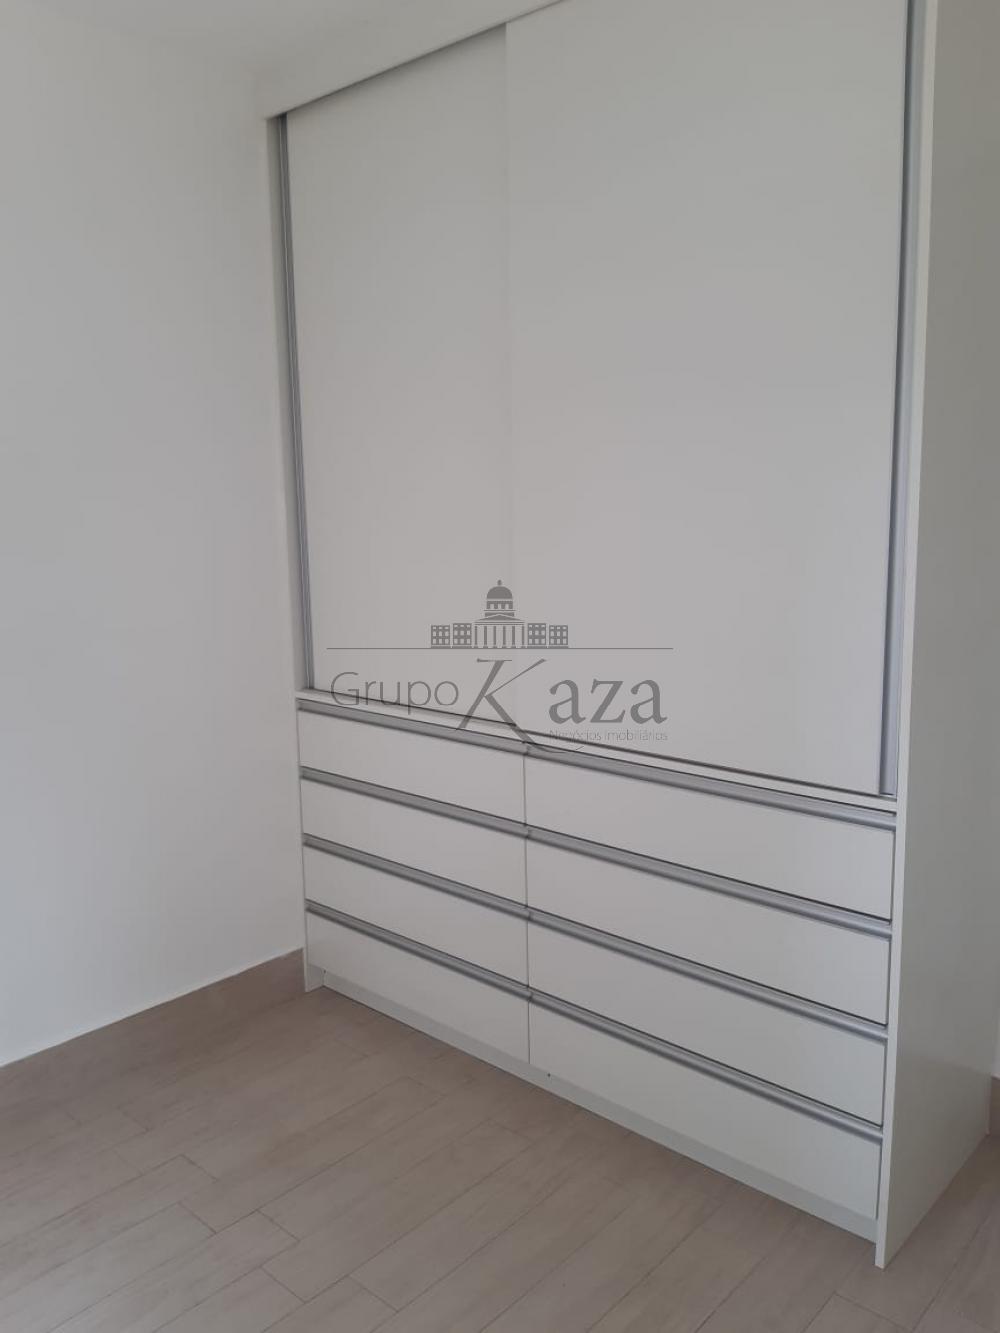 alt='Alugar Apartamento / Padrão em São José dos Campos R$ 2.400,00 - Foto 18' title='Alugar Apartamento / Padrão em São José dos Campos R$ 2.400,00 - Foto 18'